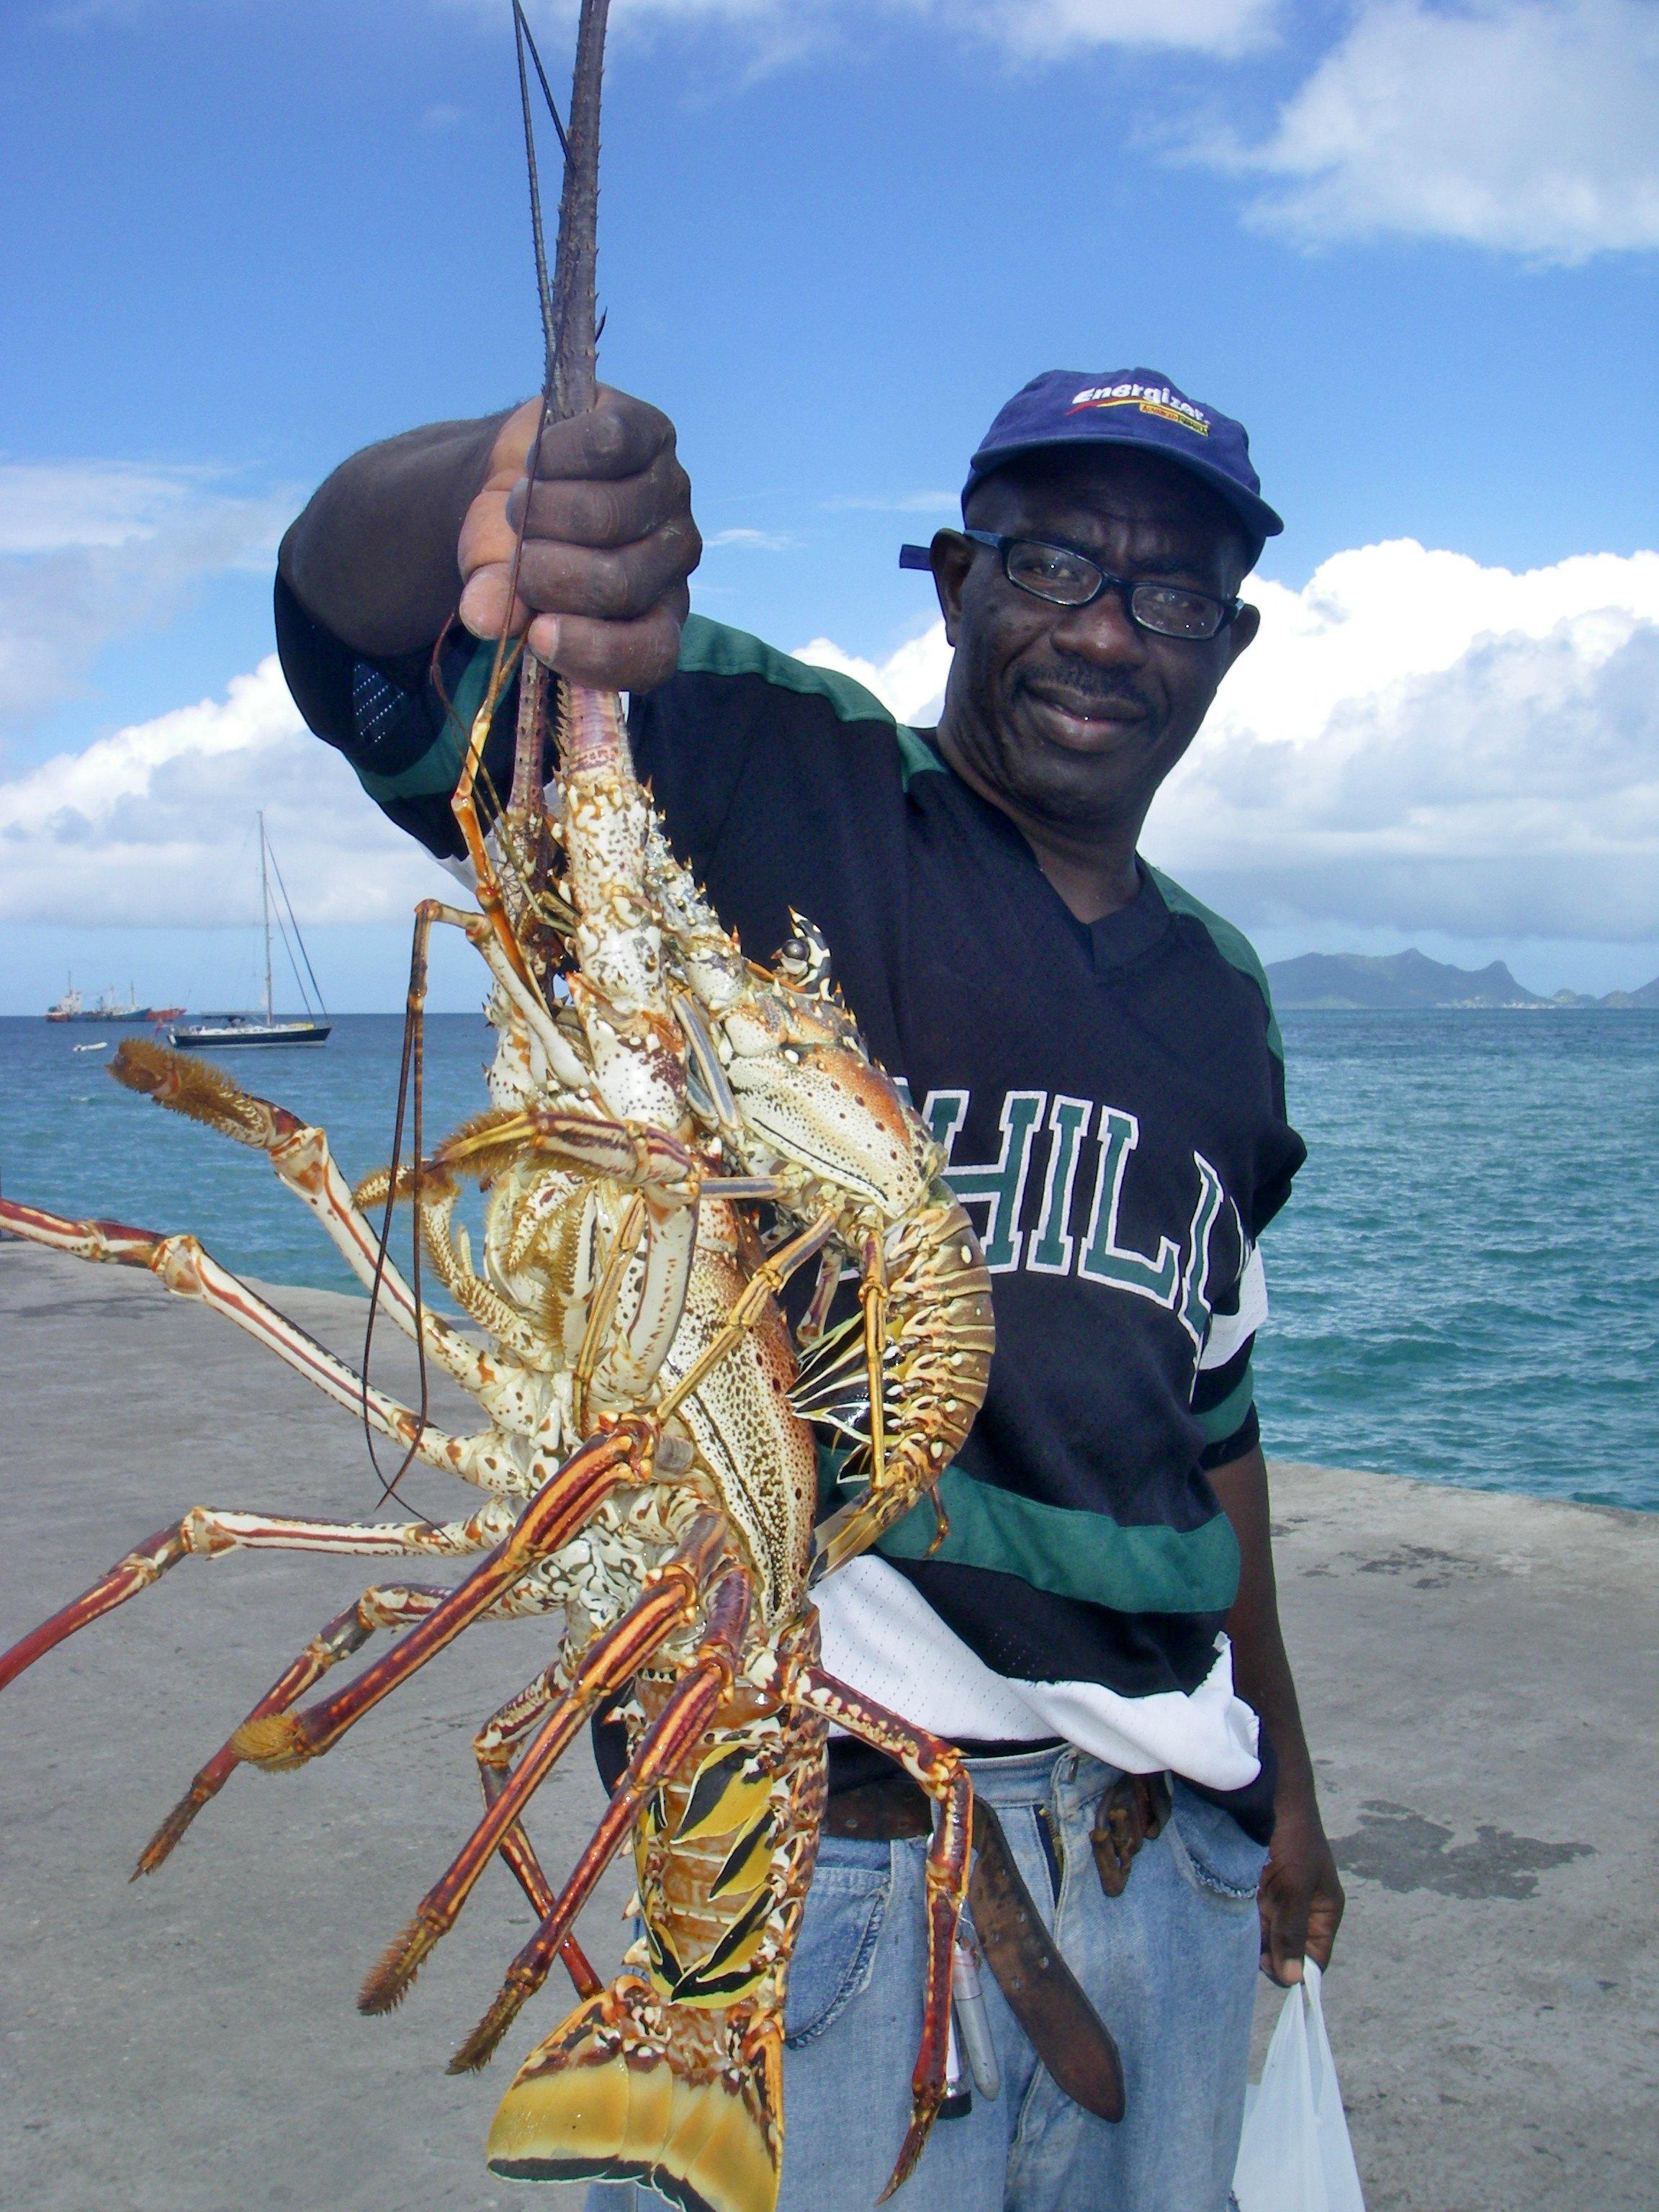 DAGENS: Fornøyd hummerfisker på Carriacou, Grenada.